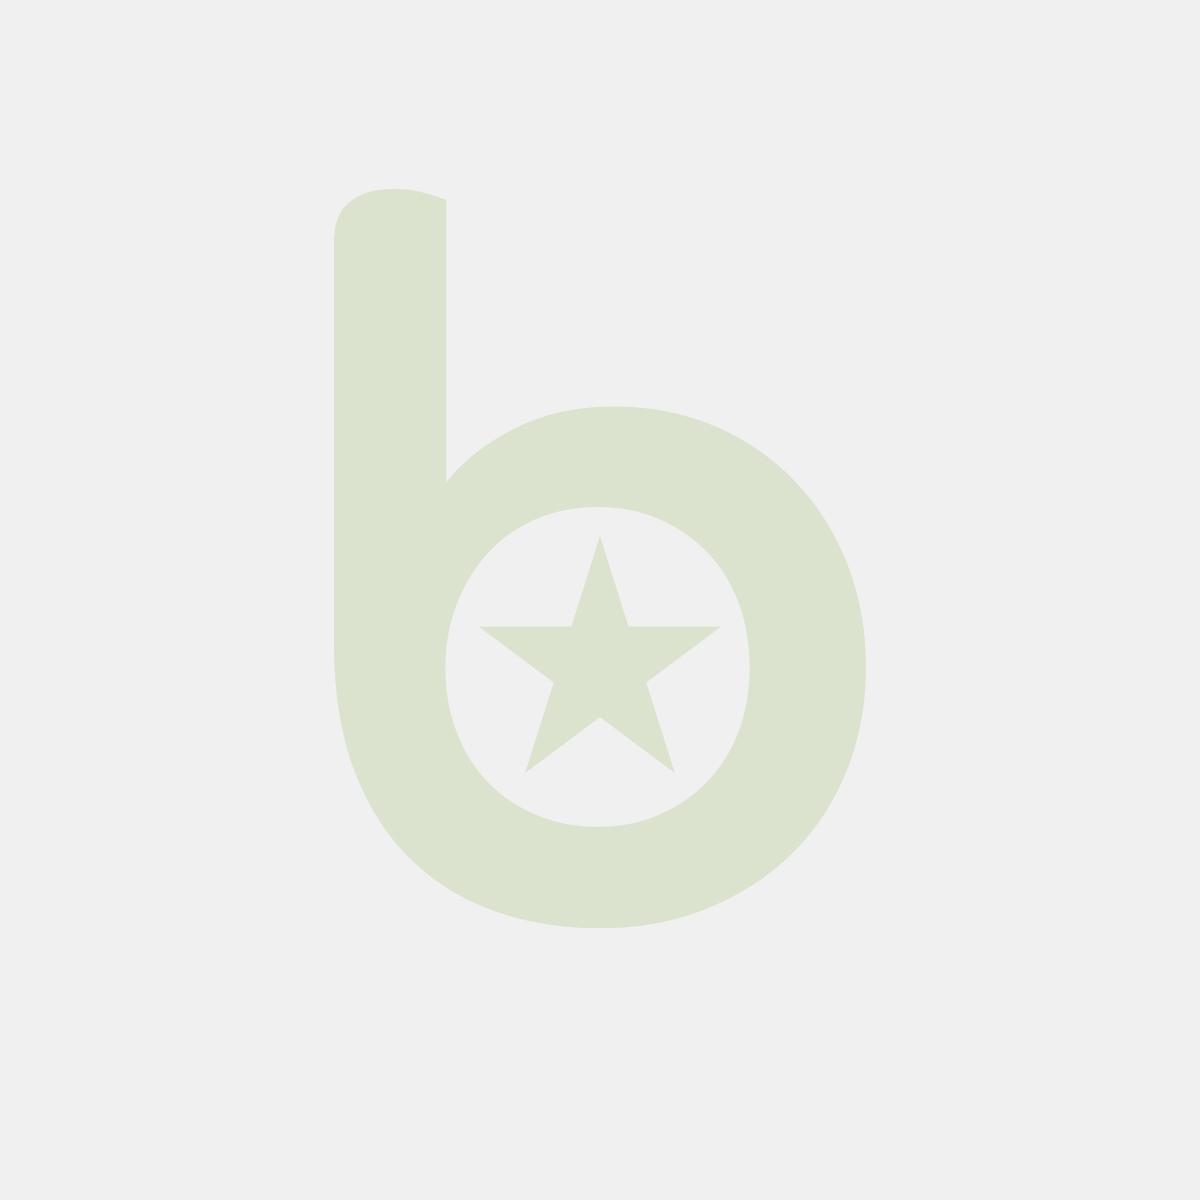 Przeciwpożarowy wyłącznik prądu BB - 148 x 100mm BB012BBPN